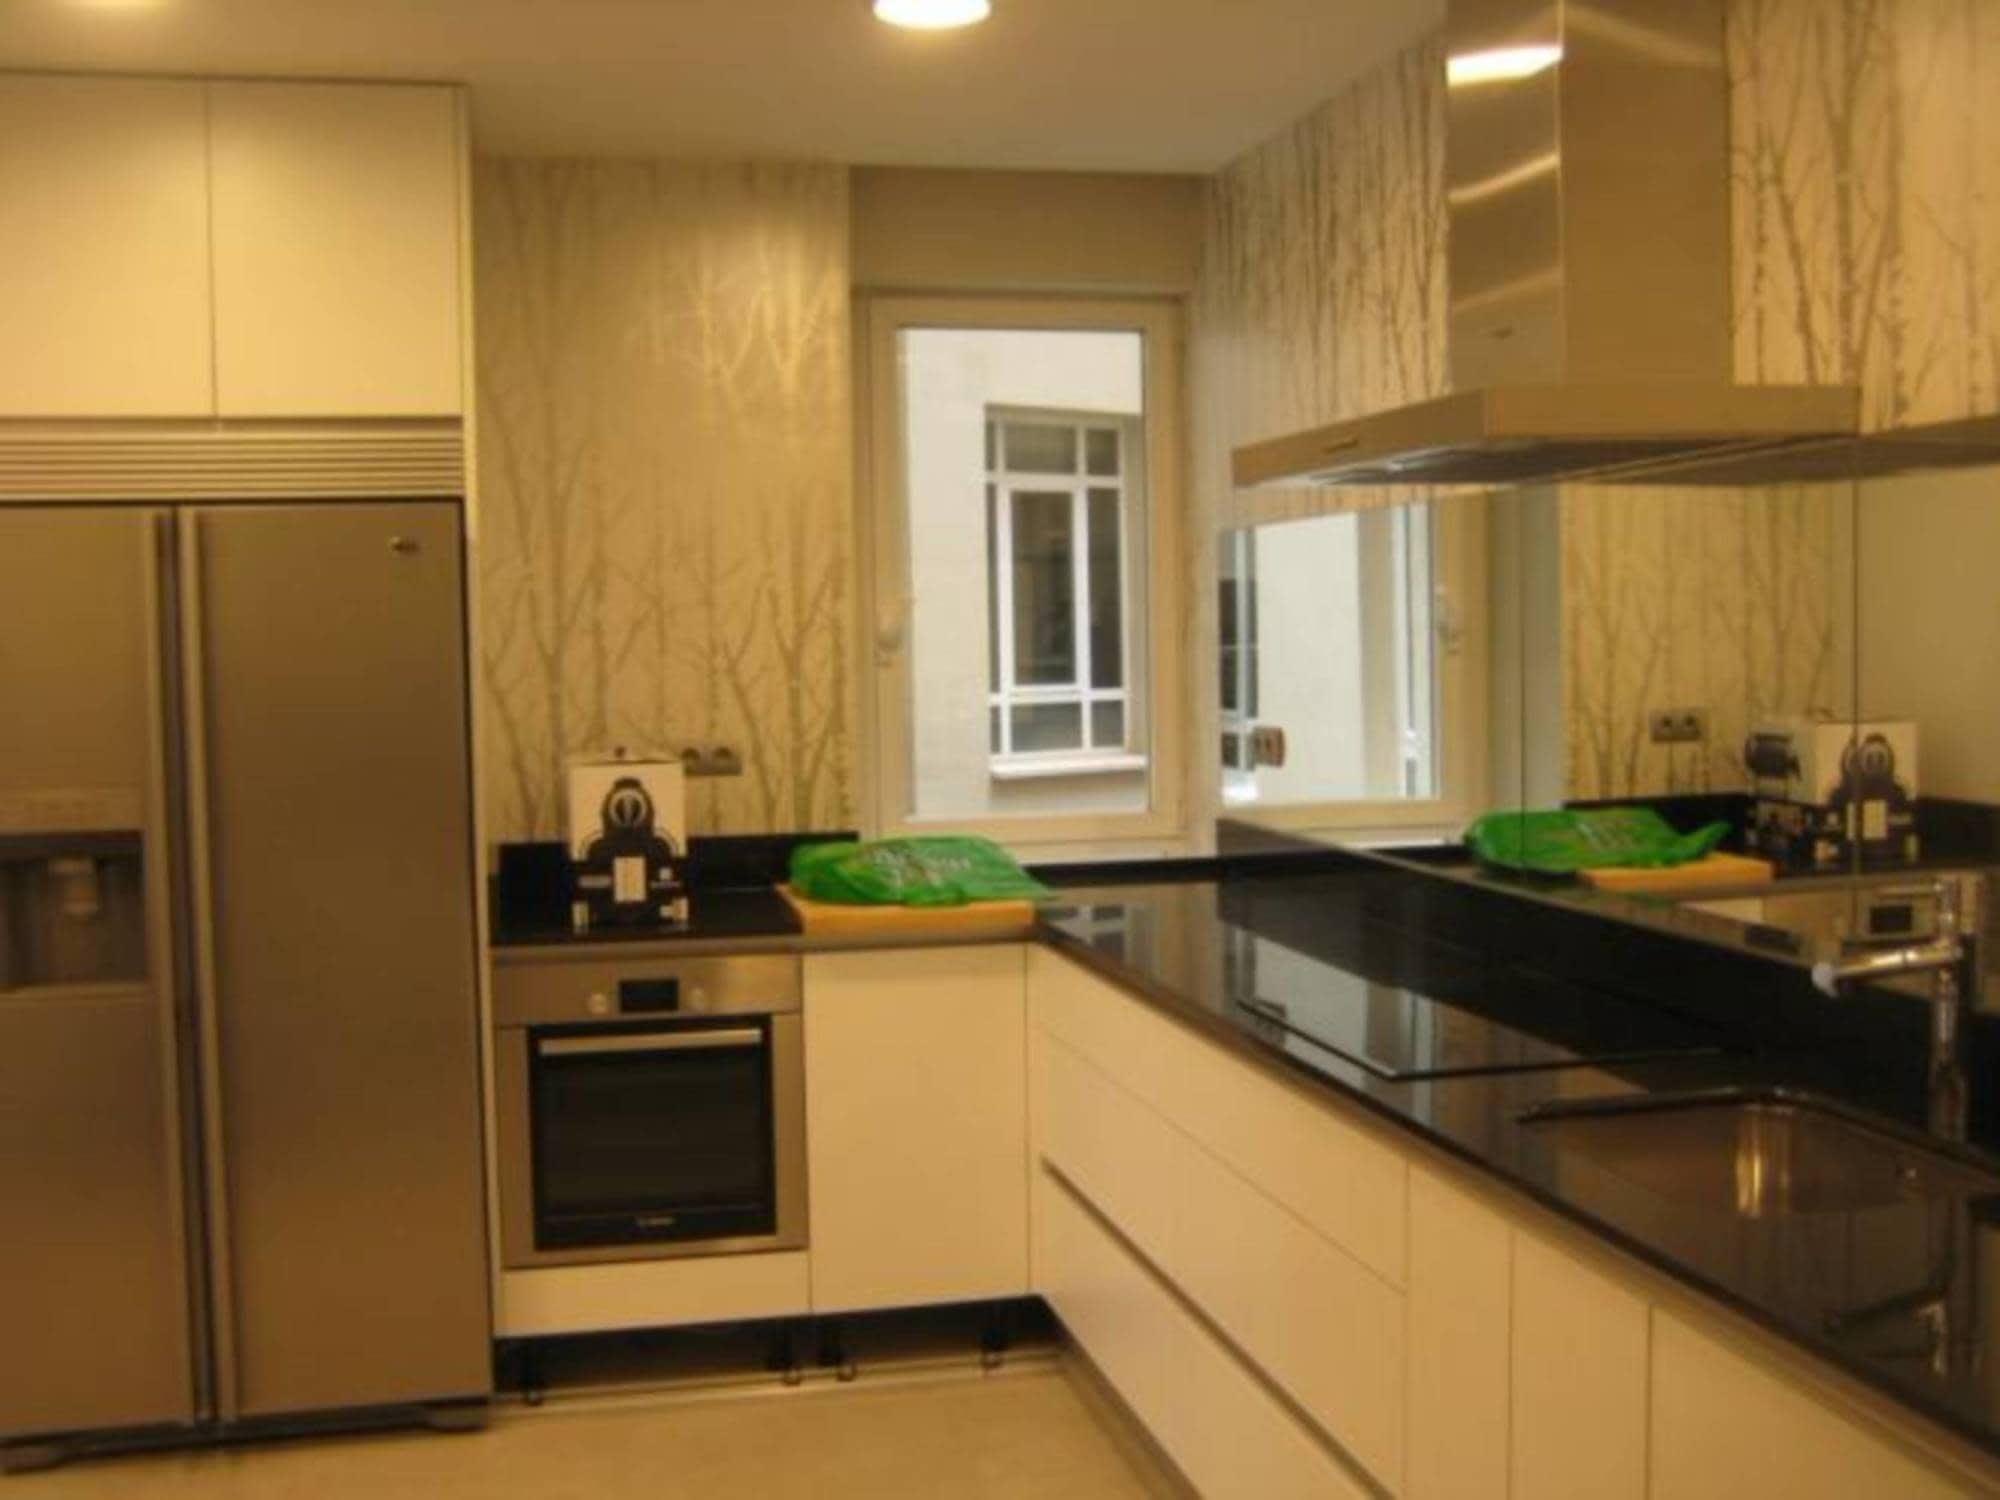 Increíble Muebles De Cocina Esquina Uk Componente - Como Decorar la ...